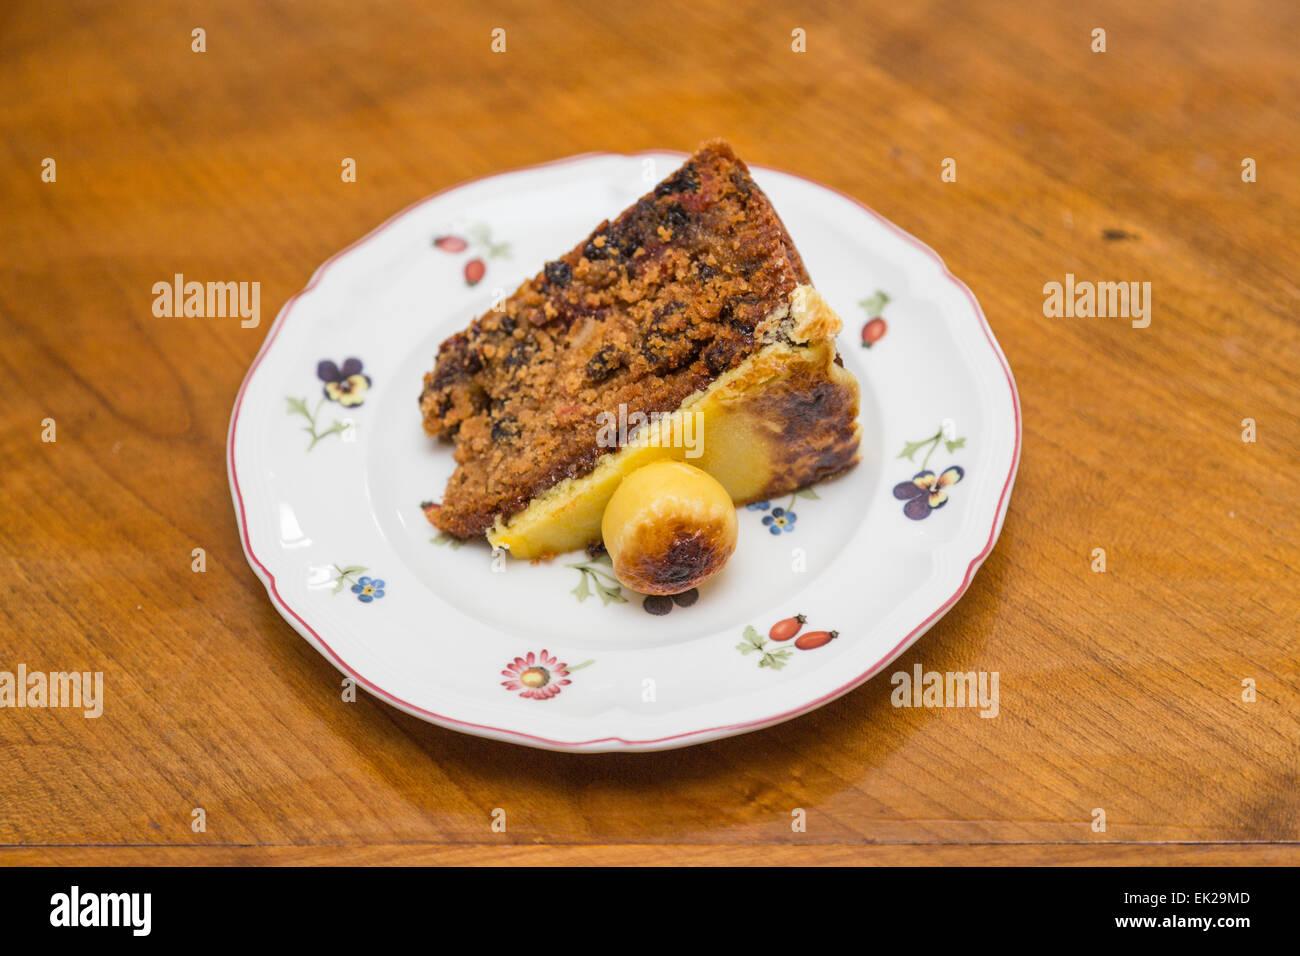 Trozo de tarta simnel tradicional de Pascua, una fruta cale con el mazapán topping y servido en una bola blanca Imagen De Stock